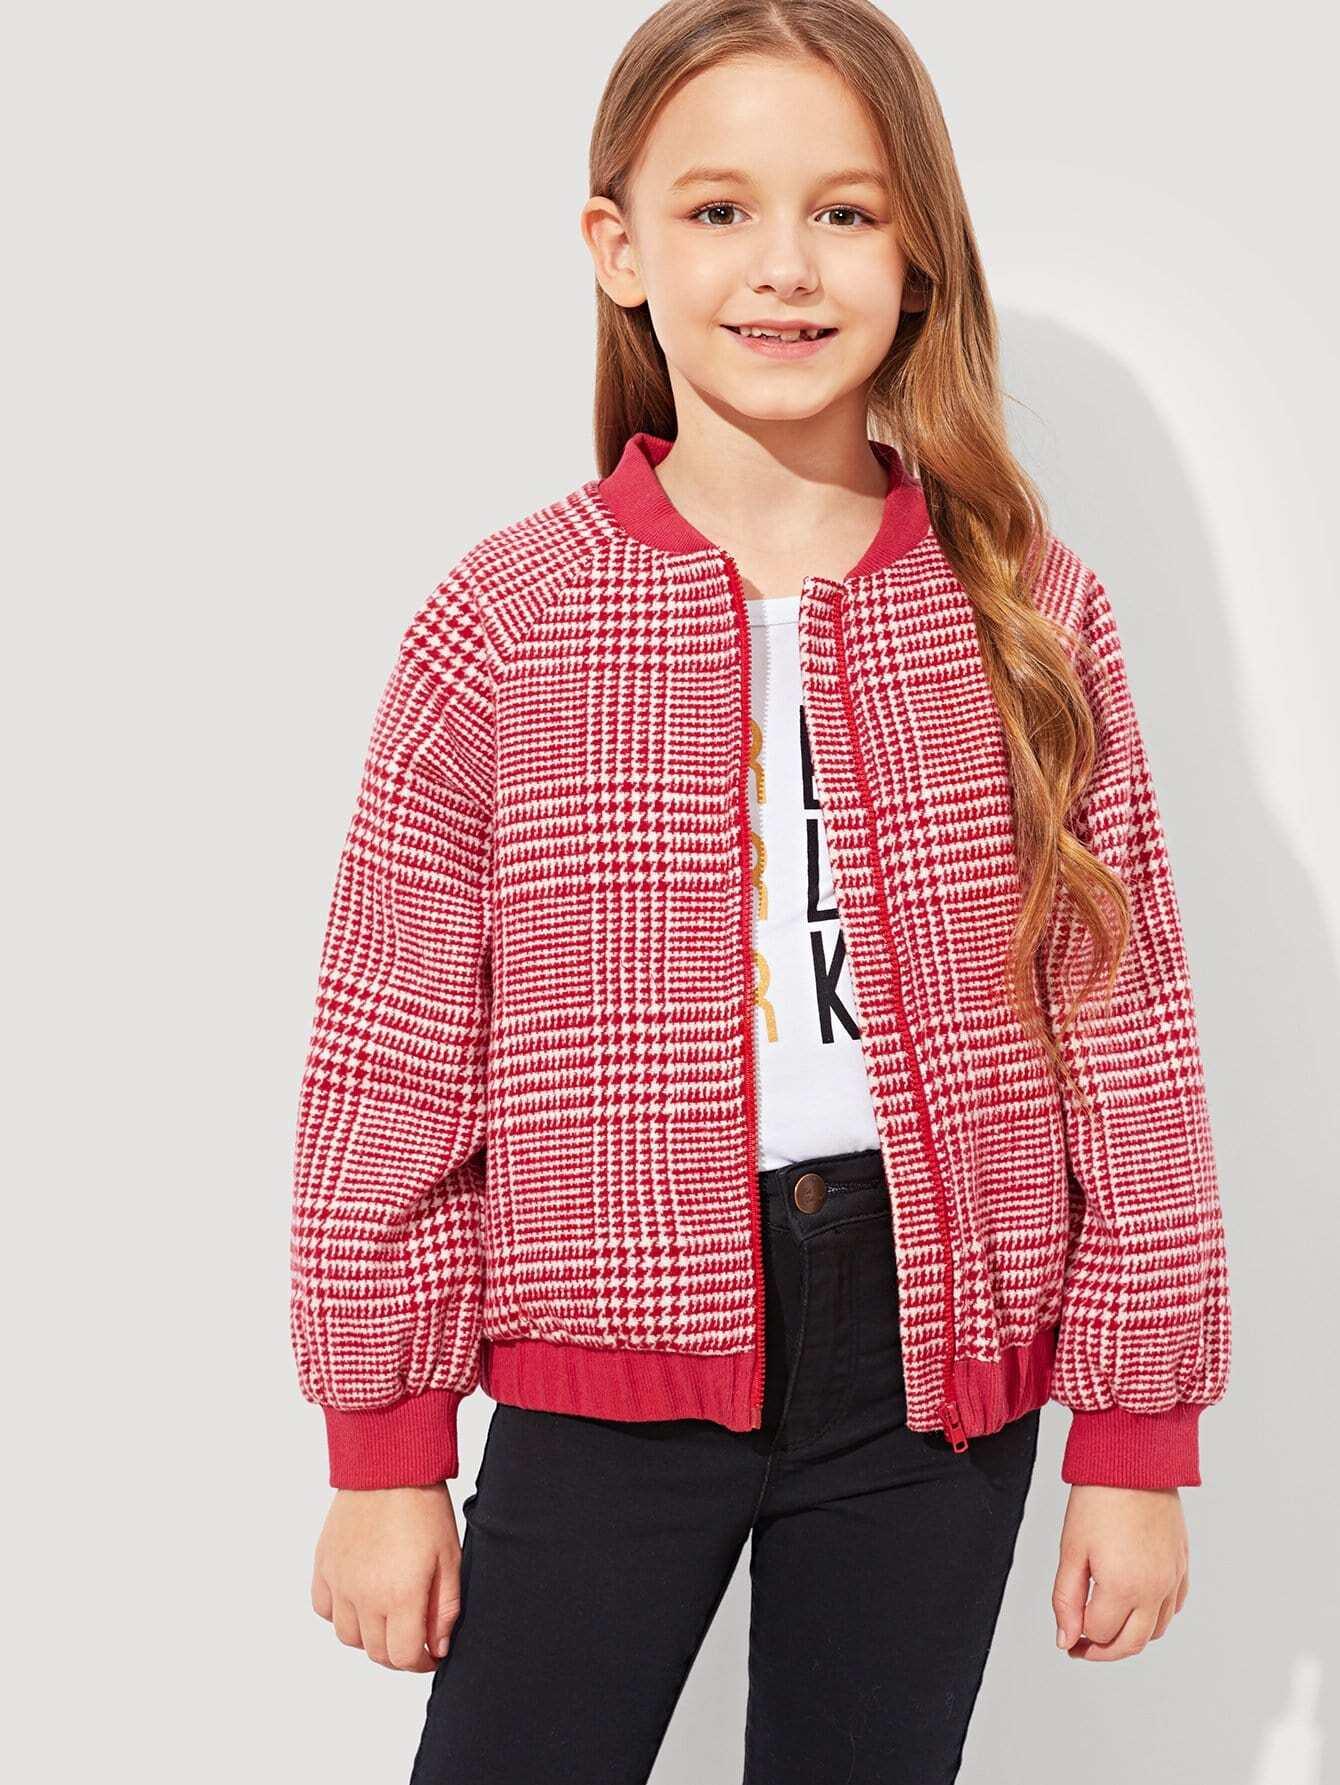 Купить Для девочек Хаундстут куртка на молнии, Sashab, SheIn